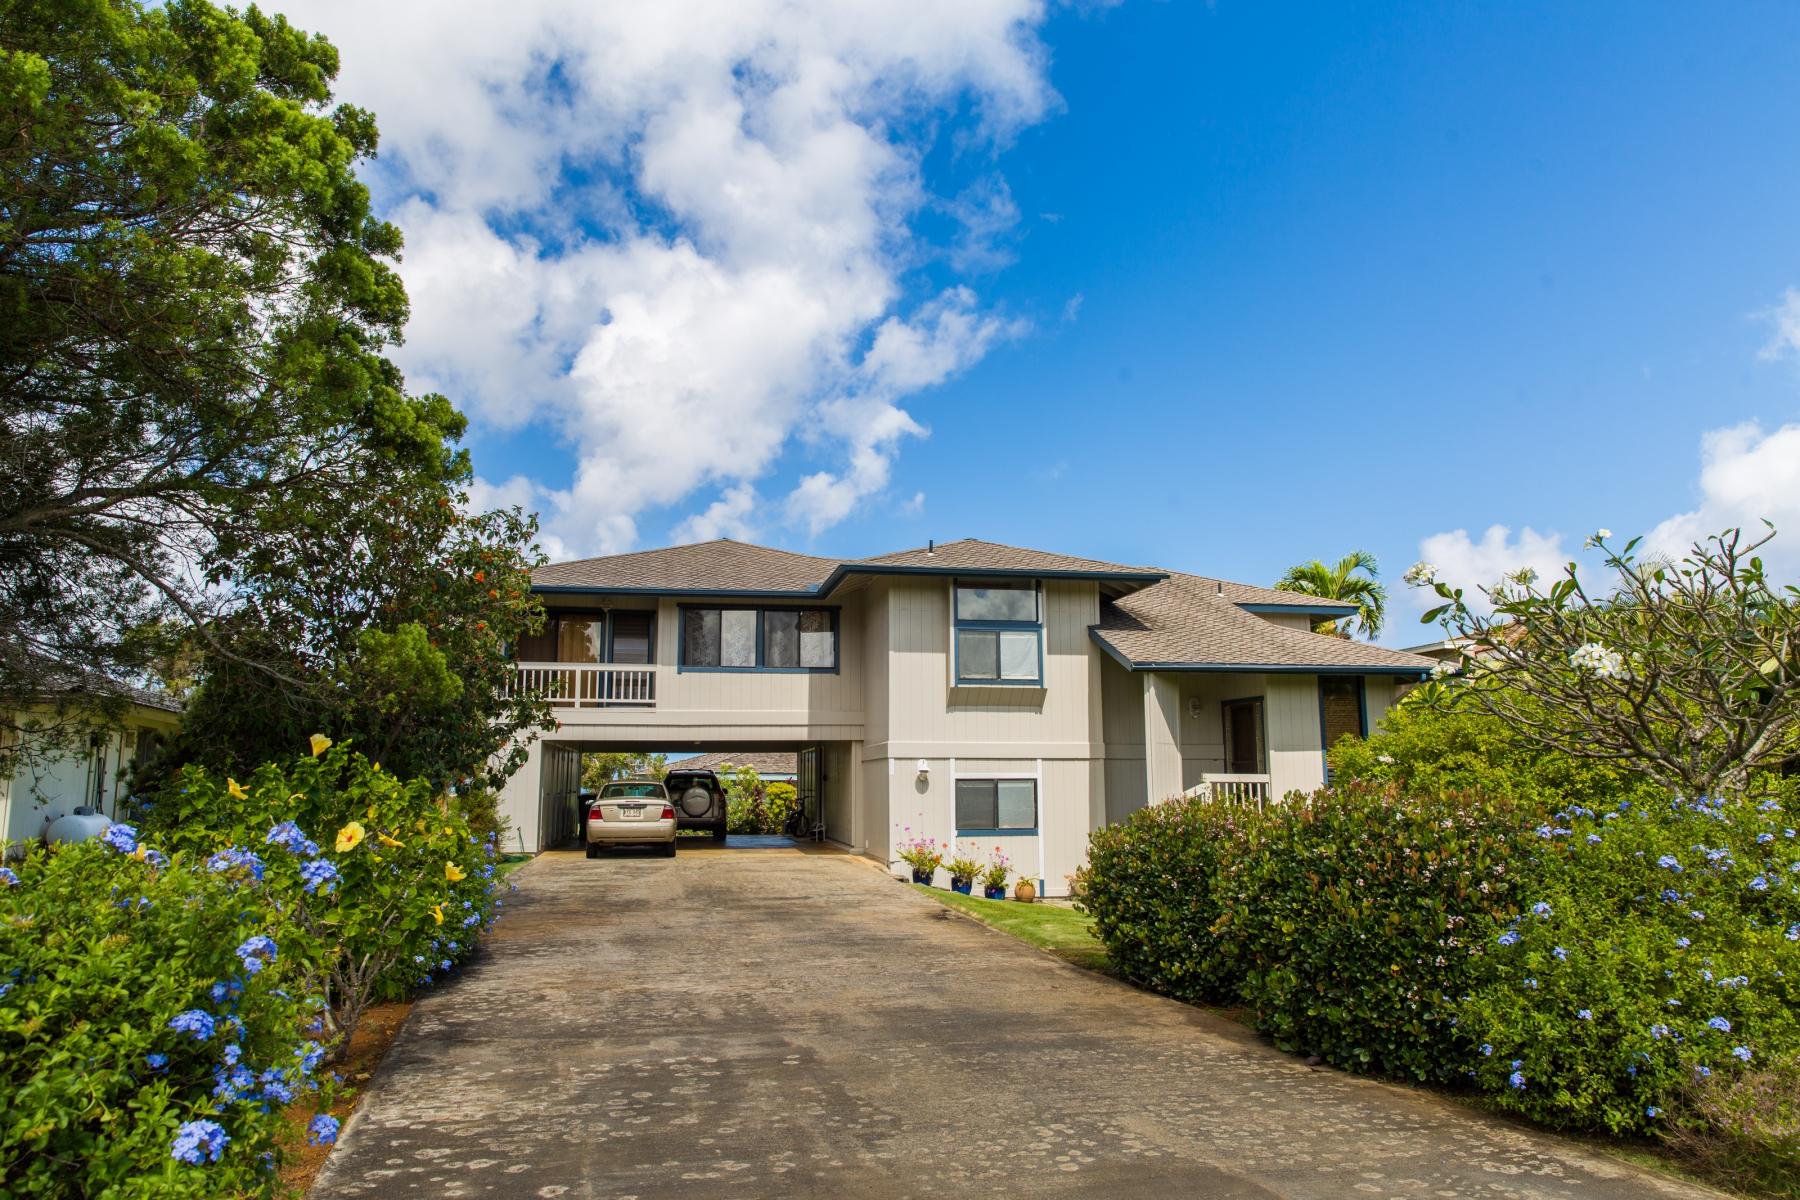 独户住宅 为 销售 在 Princeville 3844 Punahele Rd 普林斯维尔, 夏威夷, 96722 美国